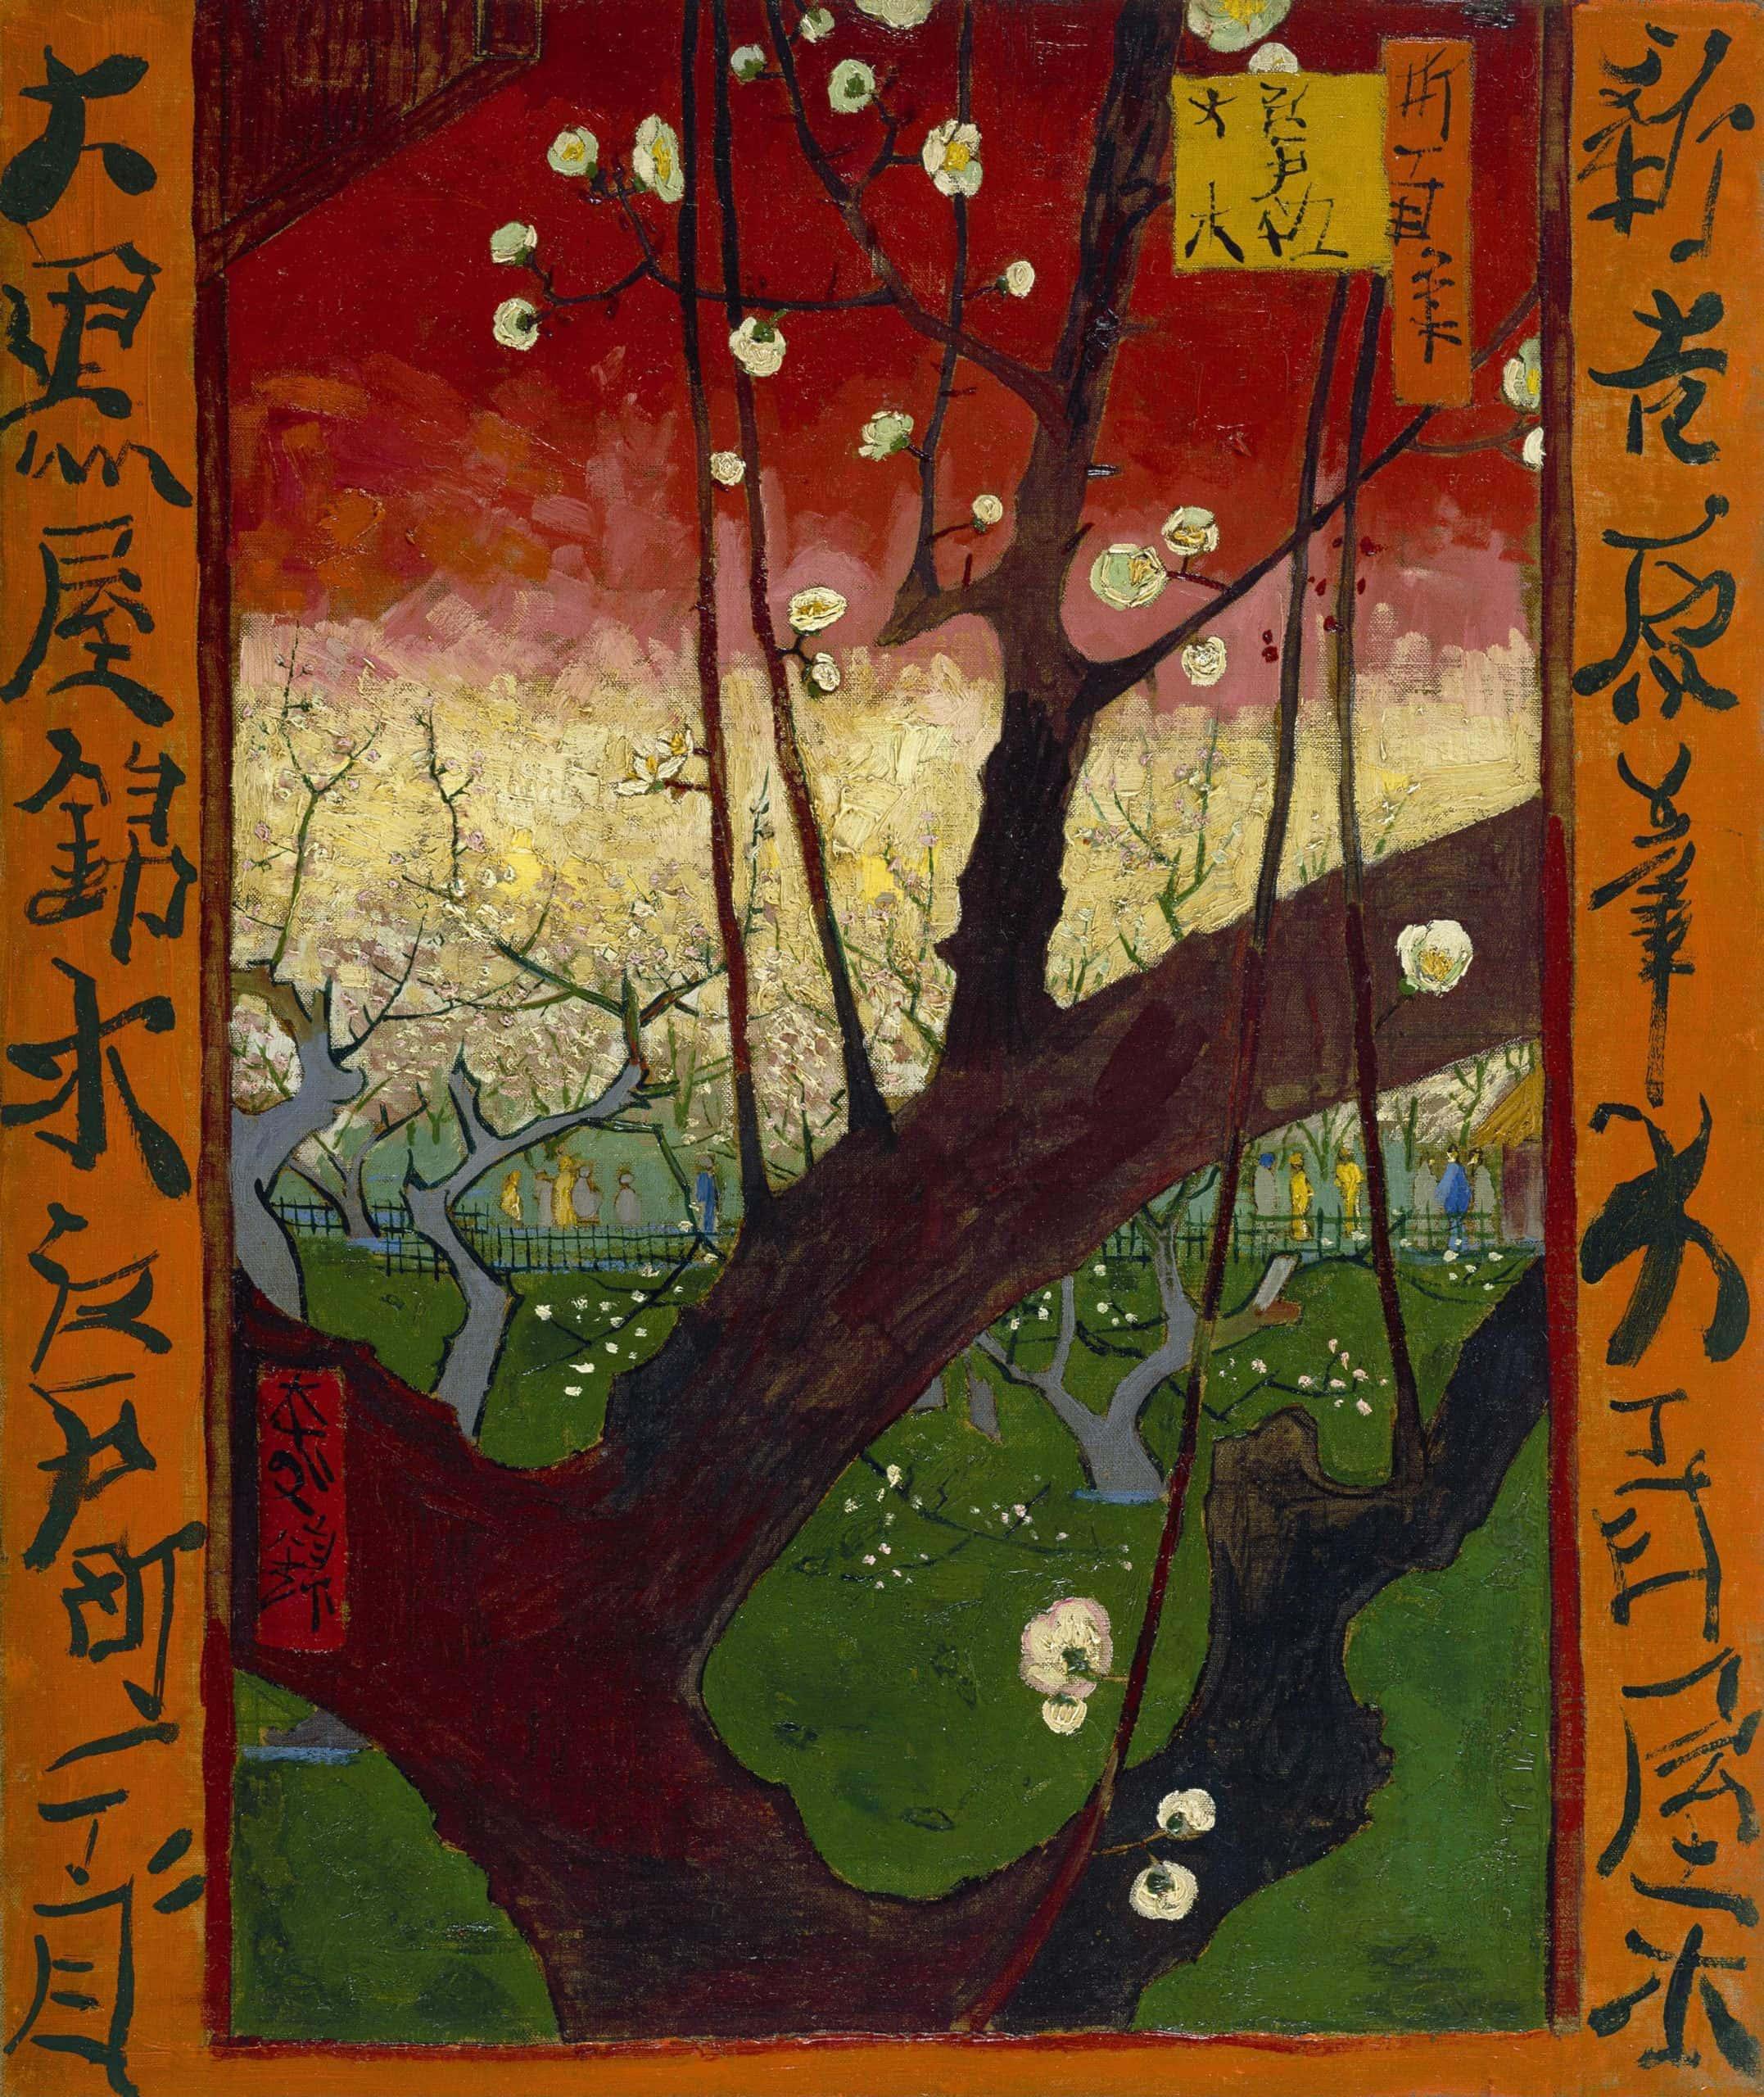 Van Gogh, Flowering Plum Tree